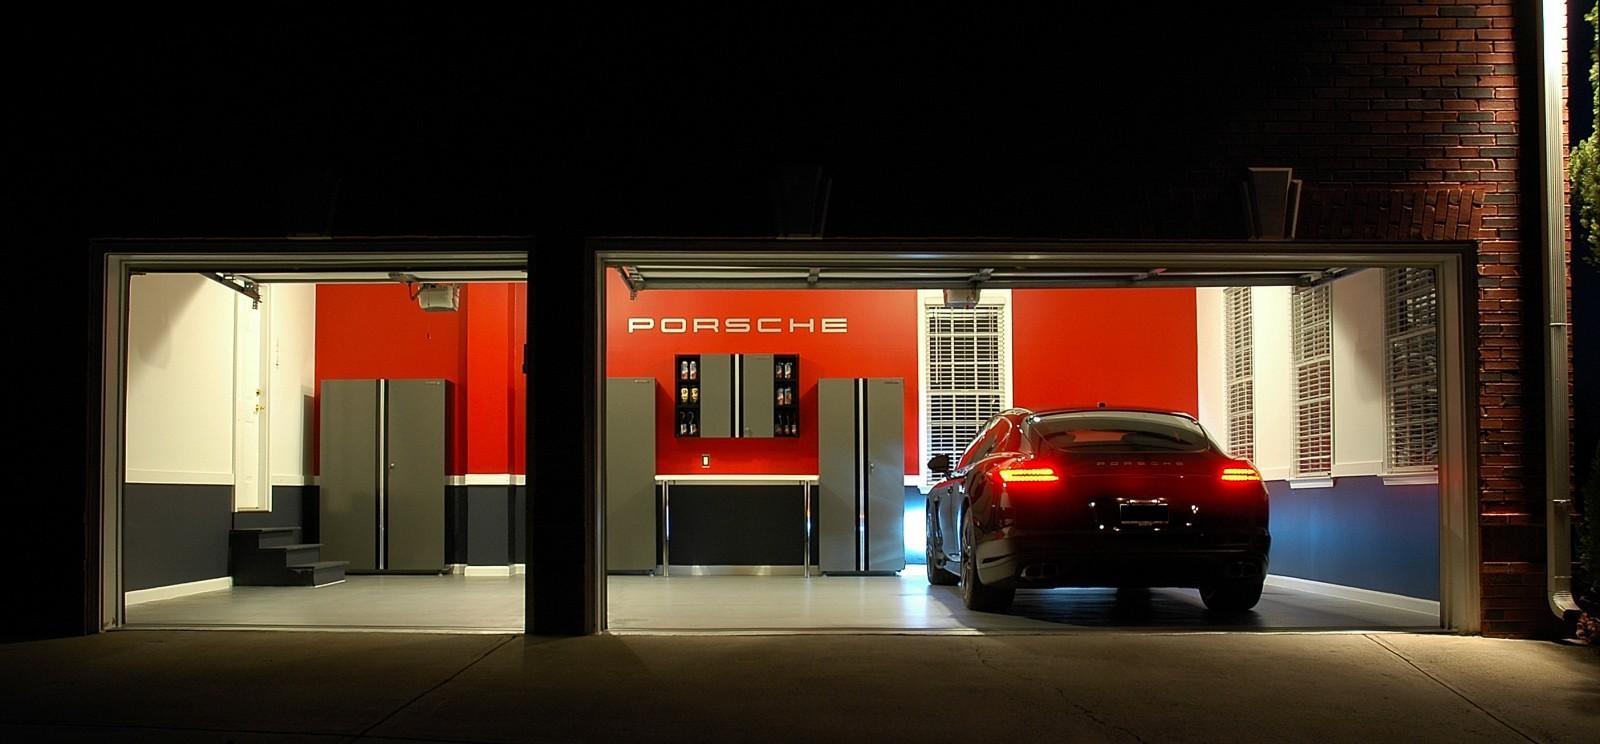 Porsche garage overhaul ready for a 911 rennlist for Garage paris 15 auto